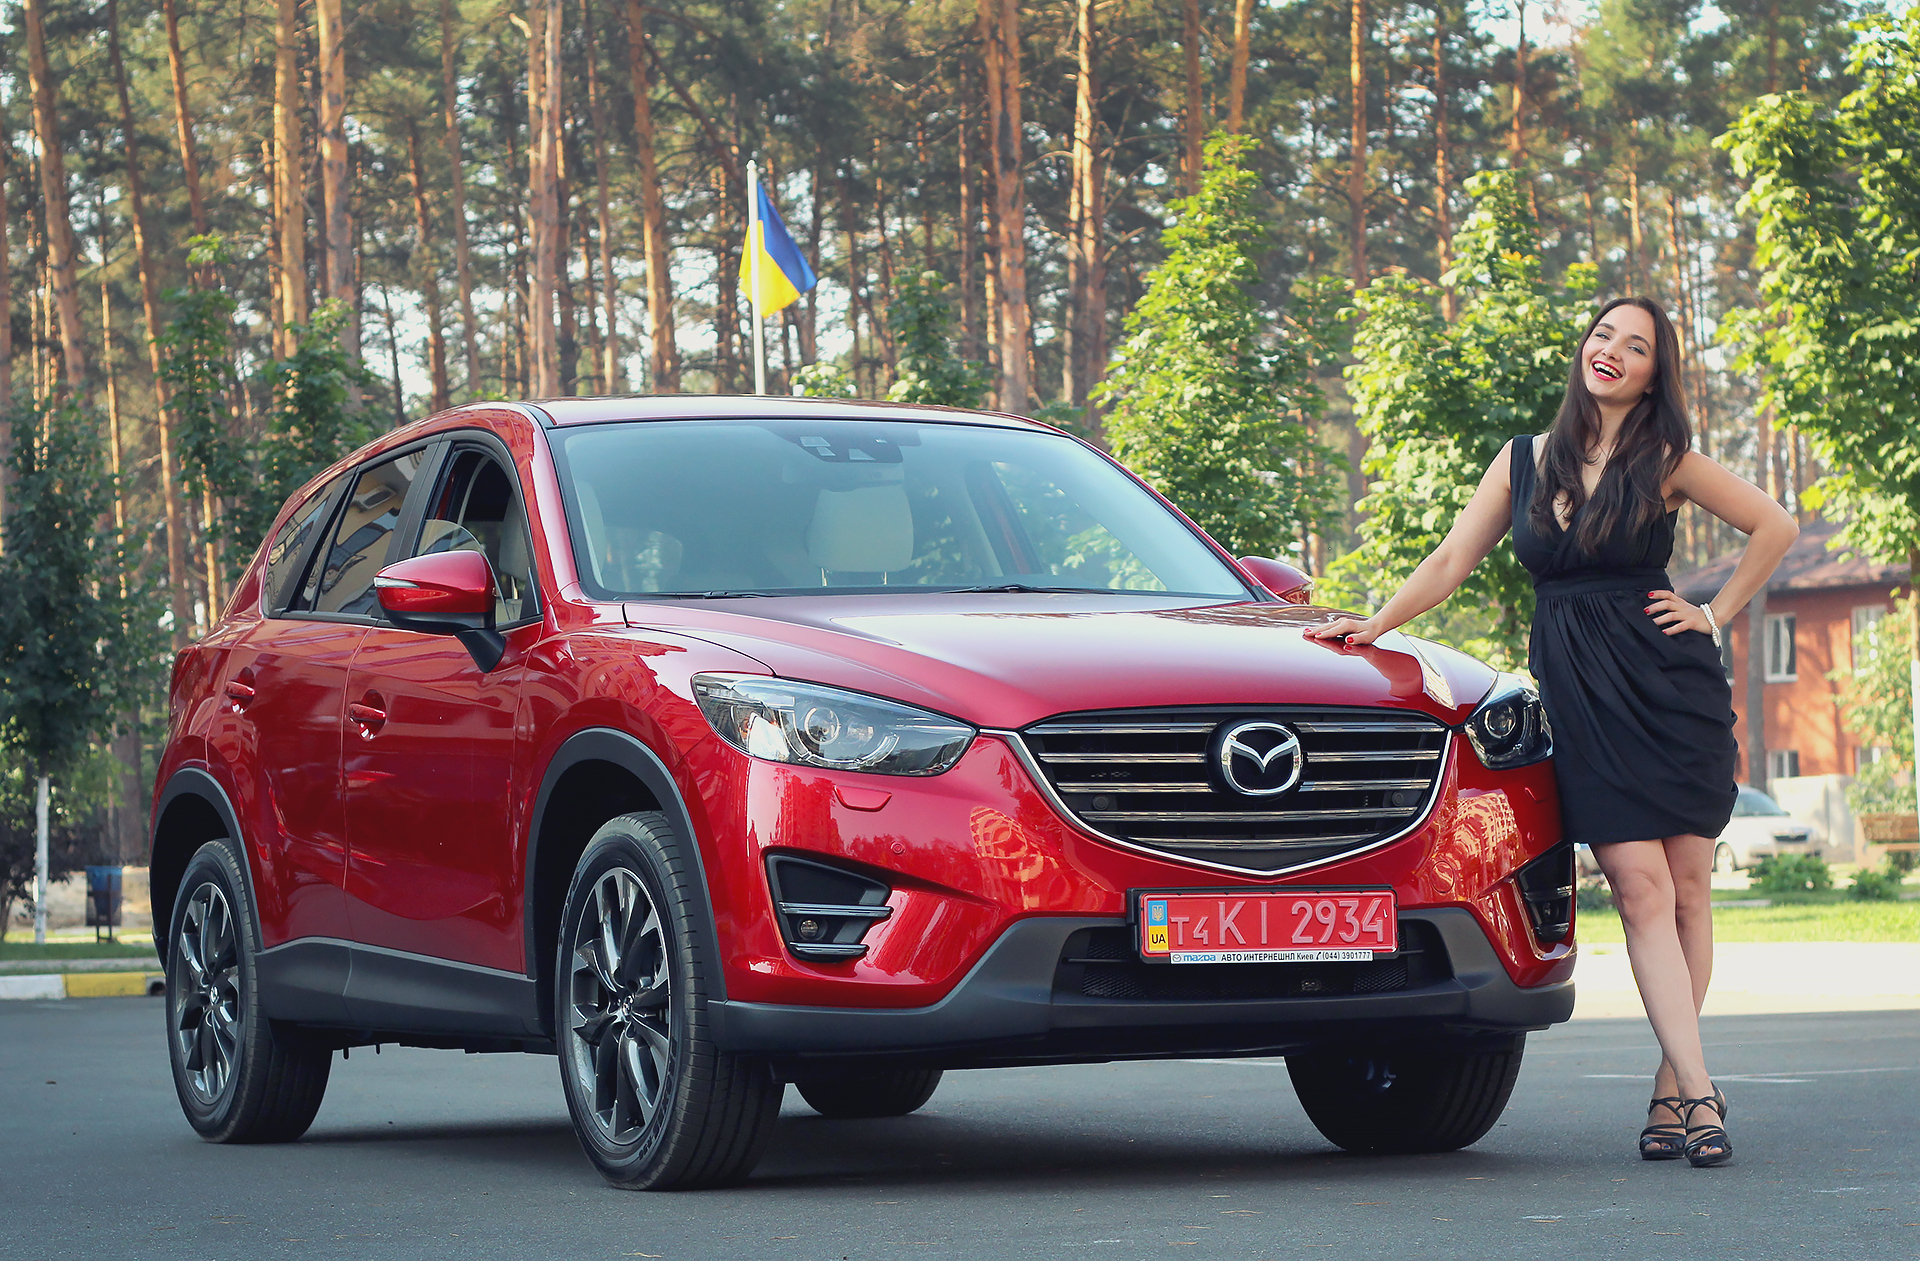 Рестайлинговая Mazda CX-5 2015 года в Premium-комплектации с бензиновым двигателем на 2,5 л